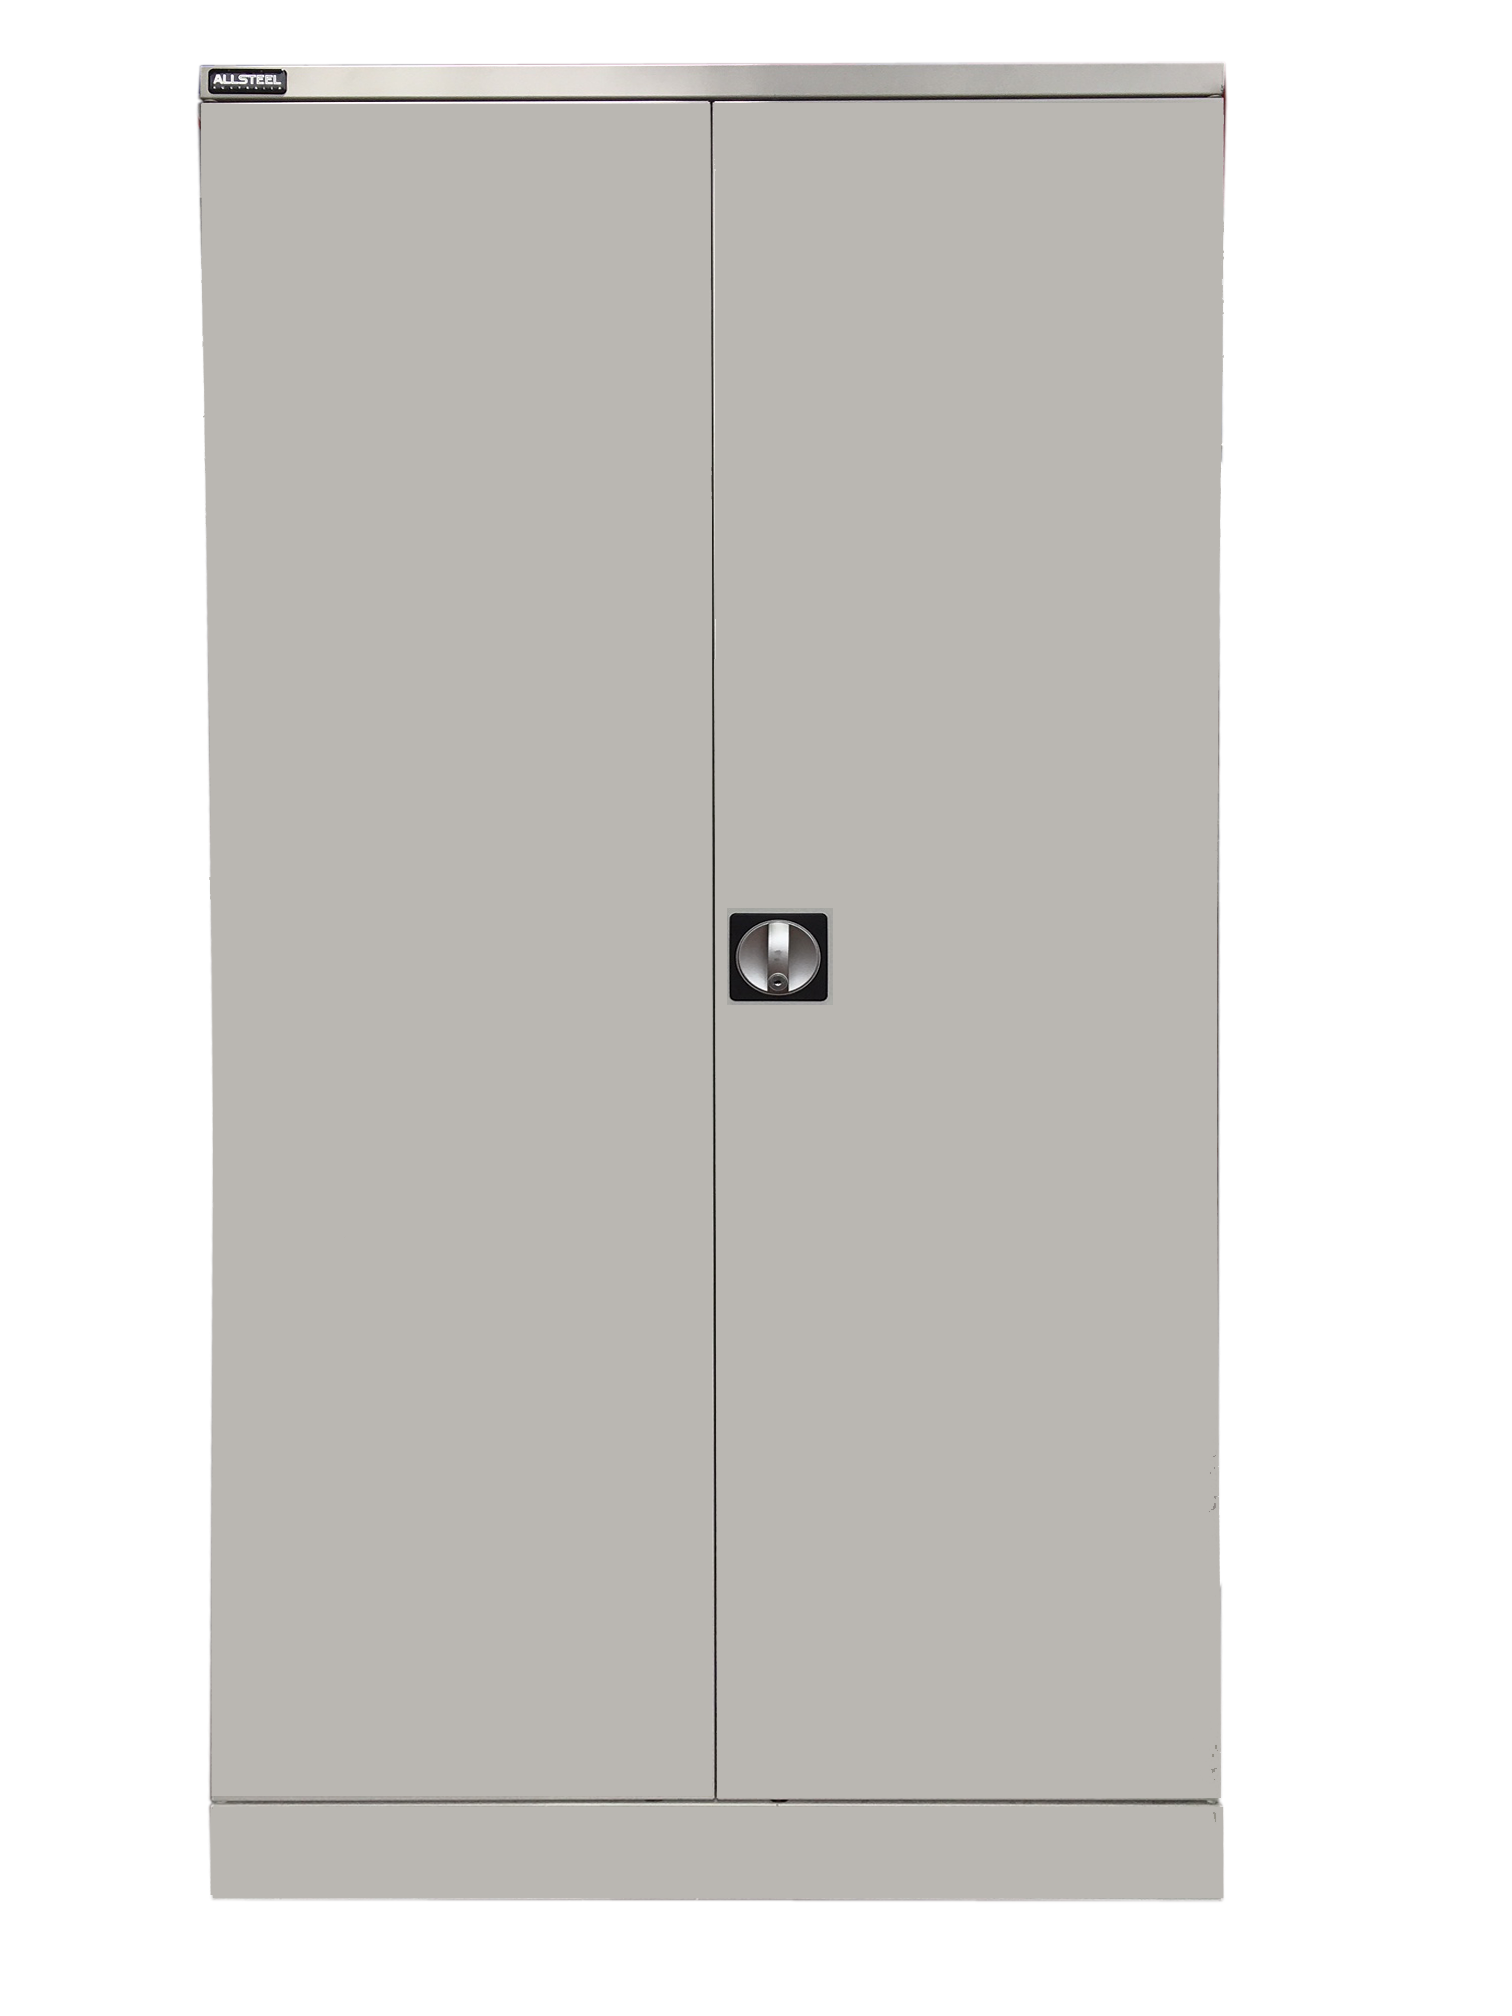 Allsteel Storage Cabinets